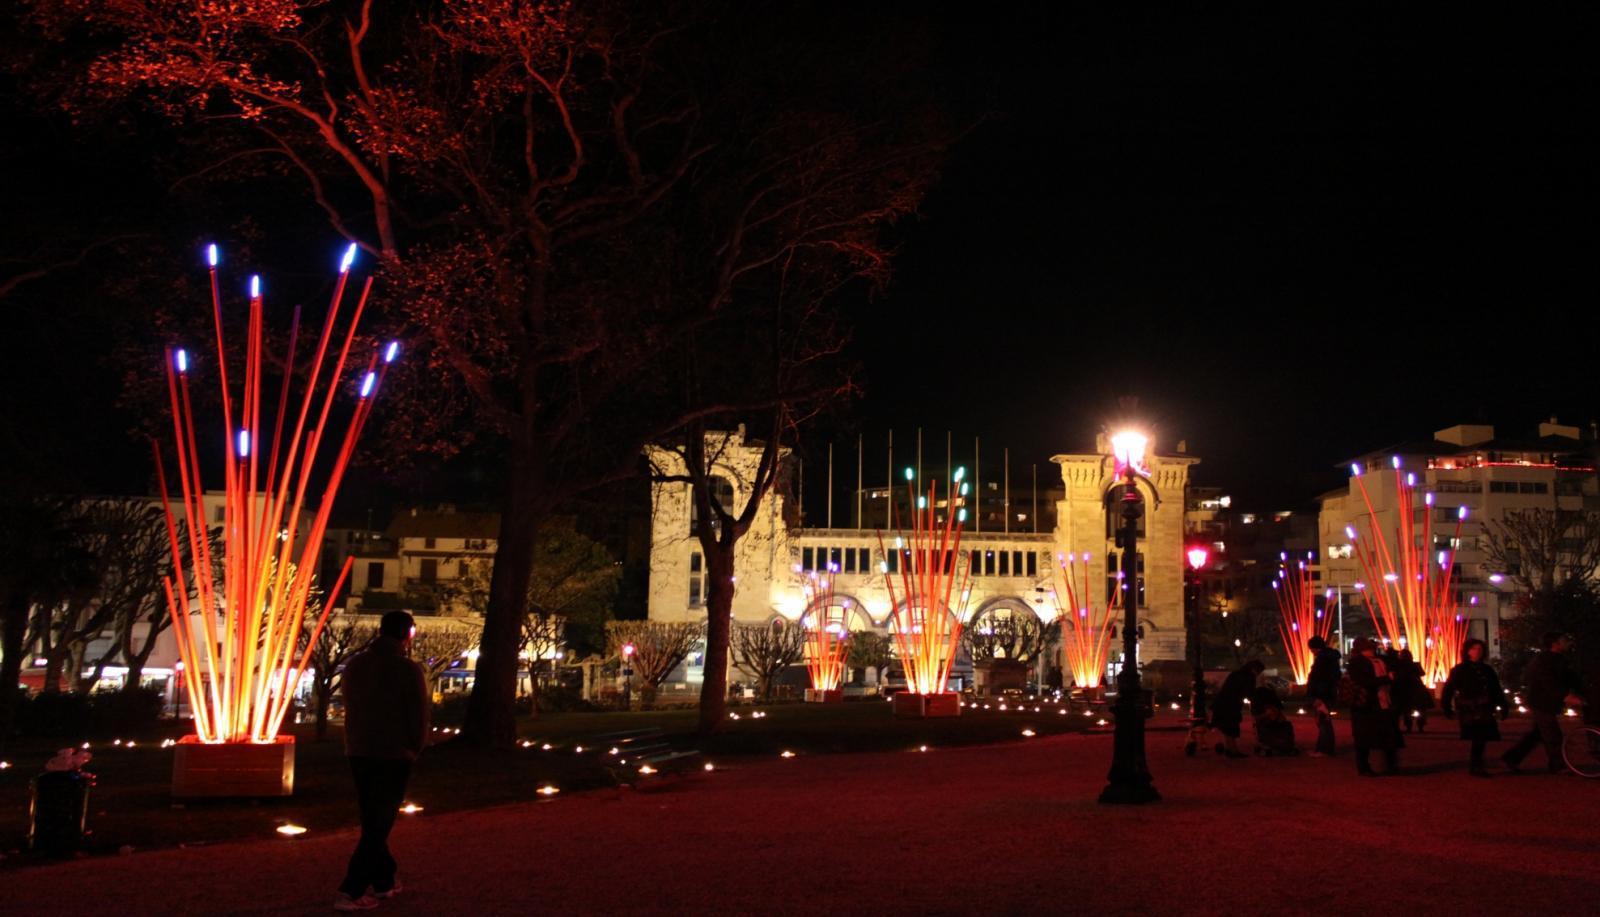 illuminations de Noêl